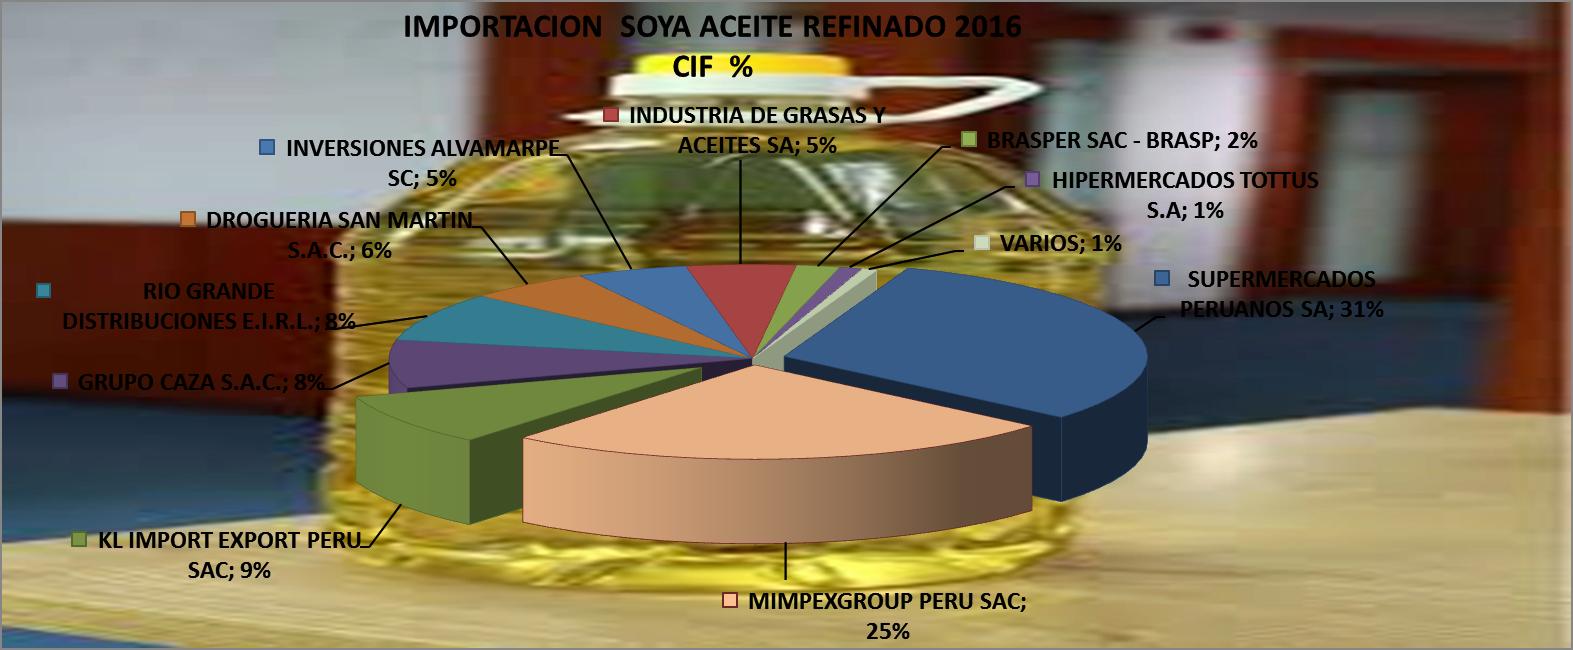 Aceite de Soya Refinado Perú Importación 2016 Diciembre